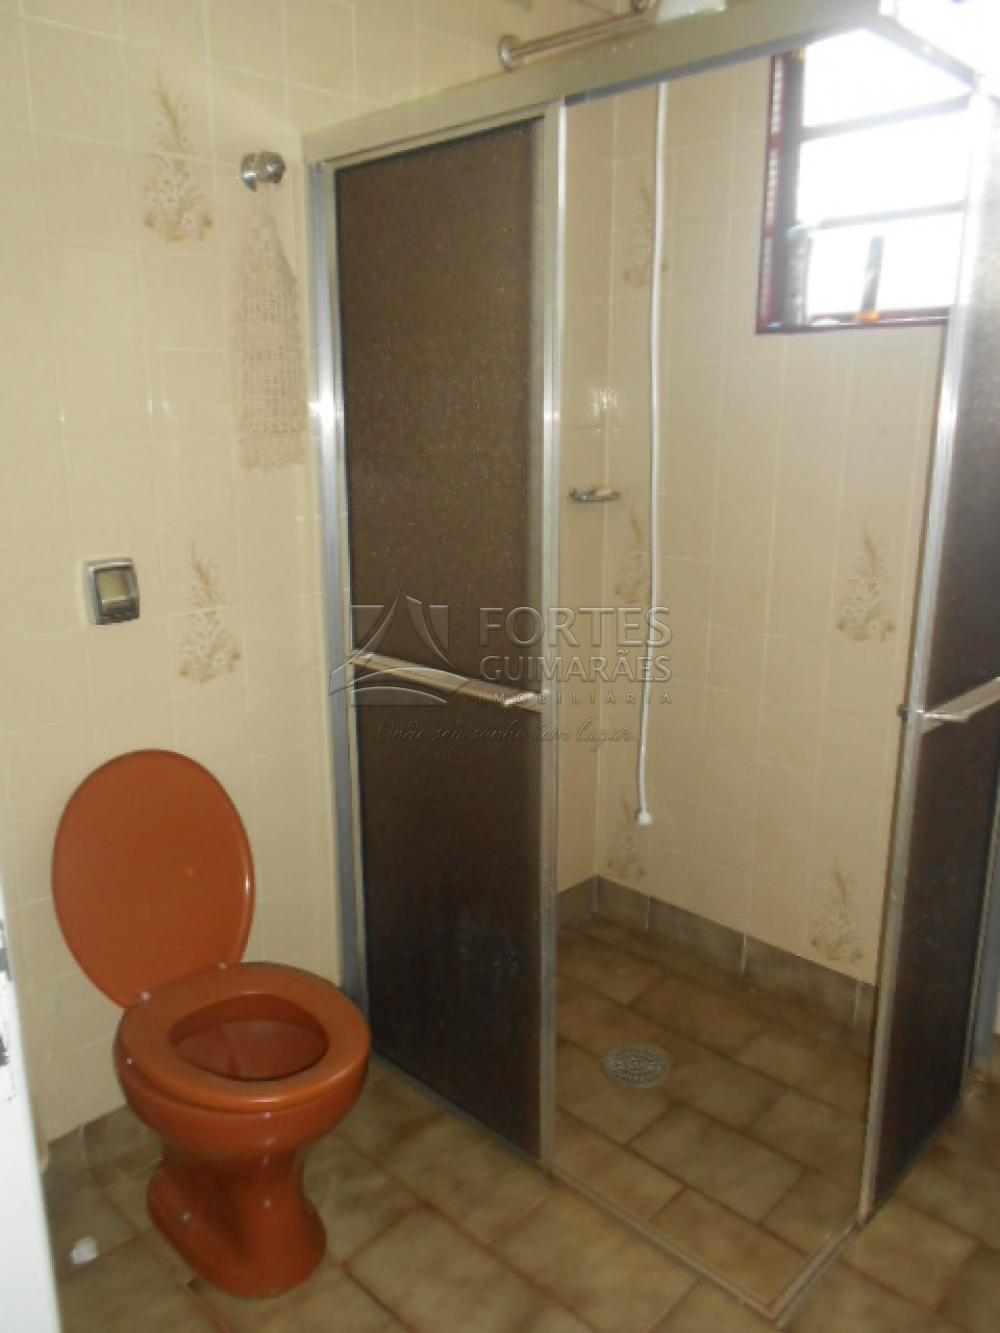 Alugar Casas / Condomínio em Jardinópolis apenas R$ 2.500,00 - Foto 29